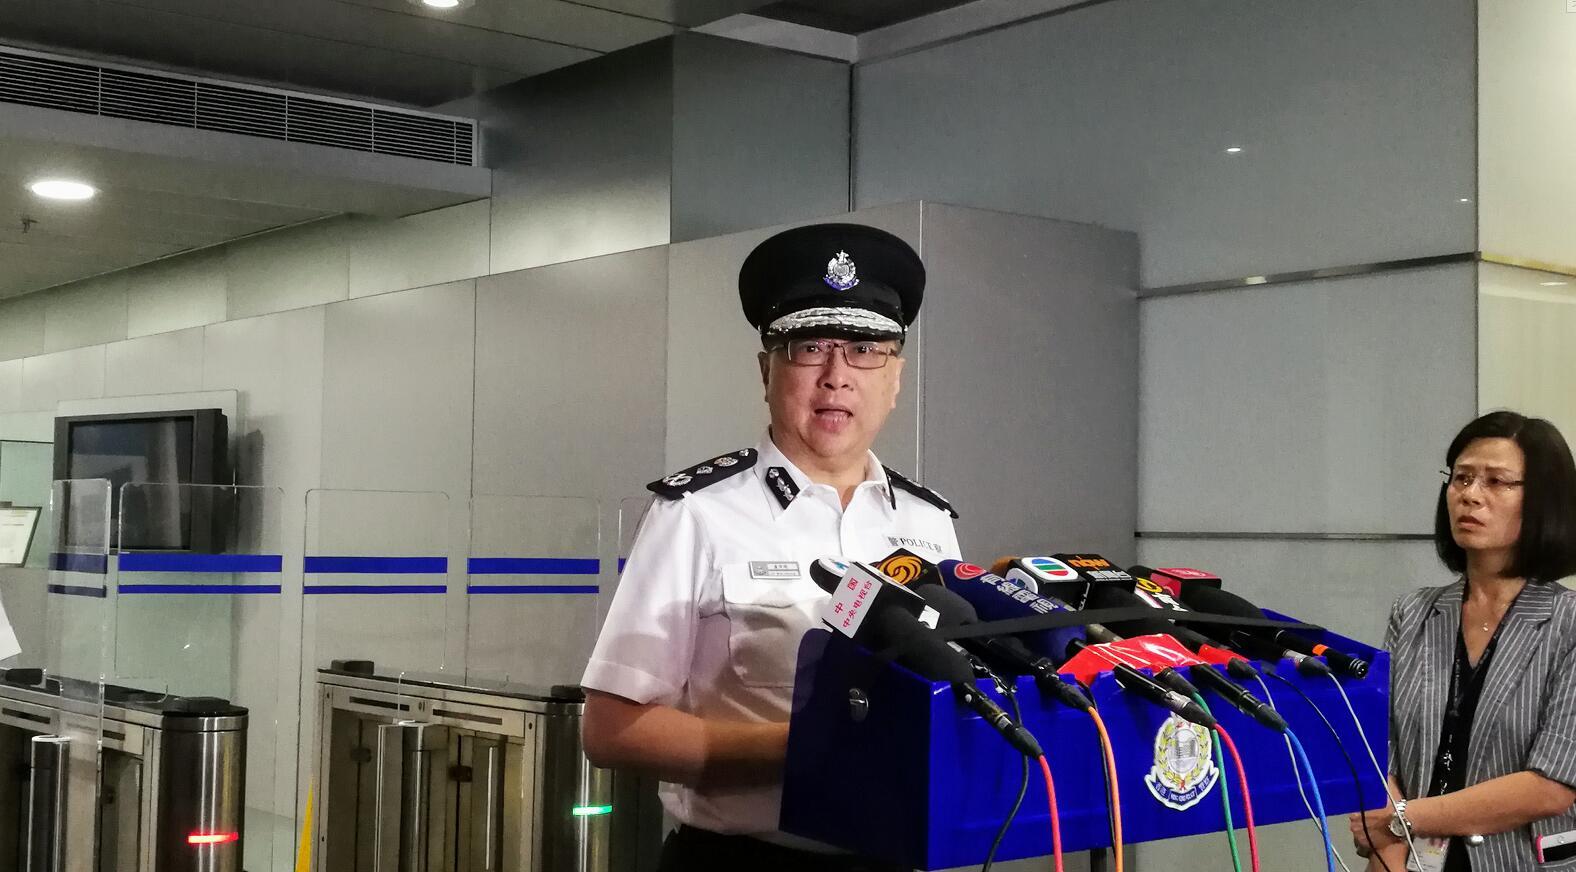 盧偉聰表示,示威者使用危險武器,警方迫不得已還擊(資料圖片)